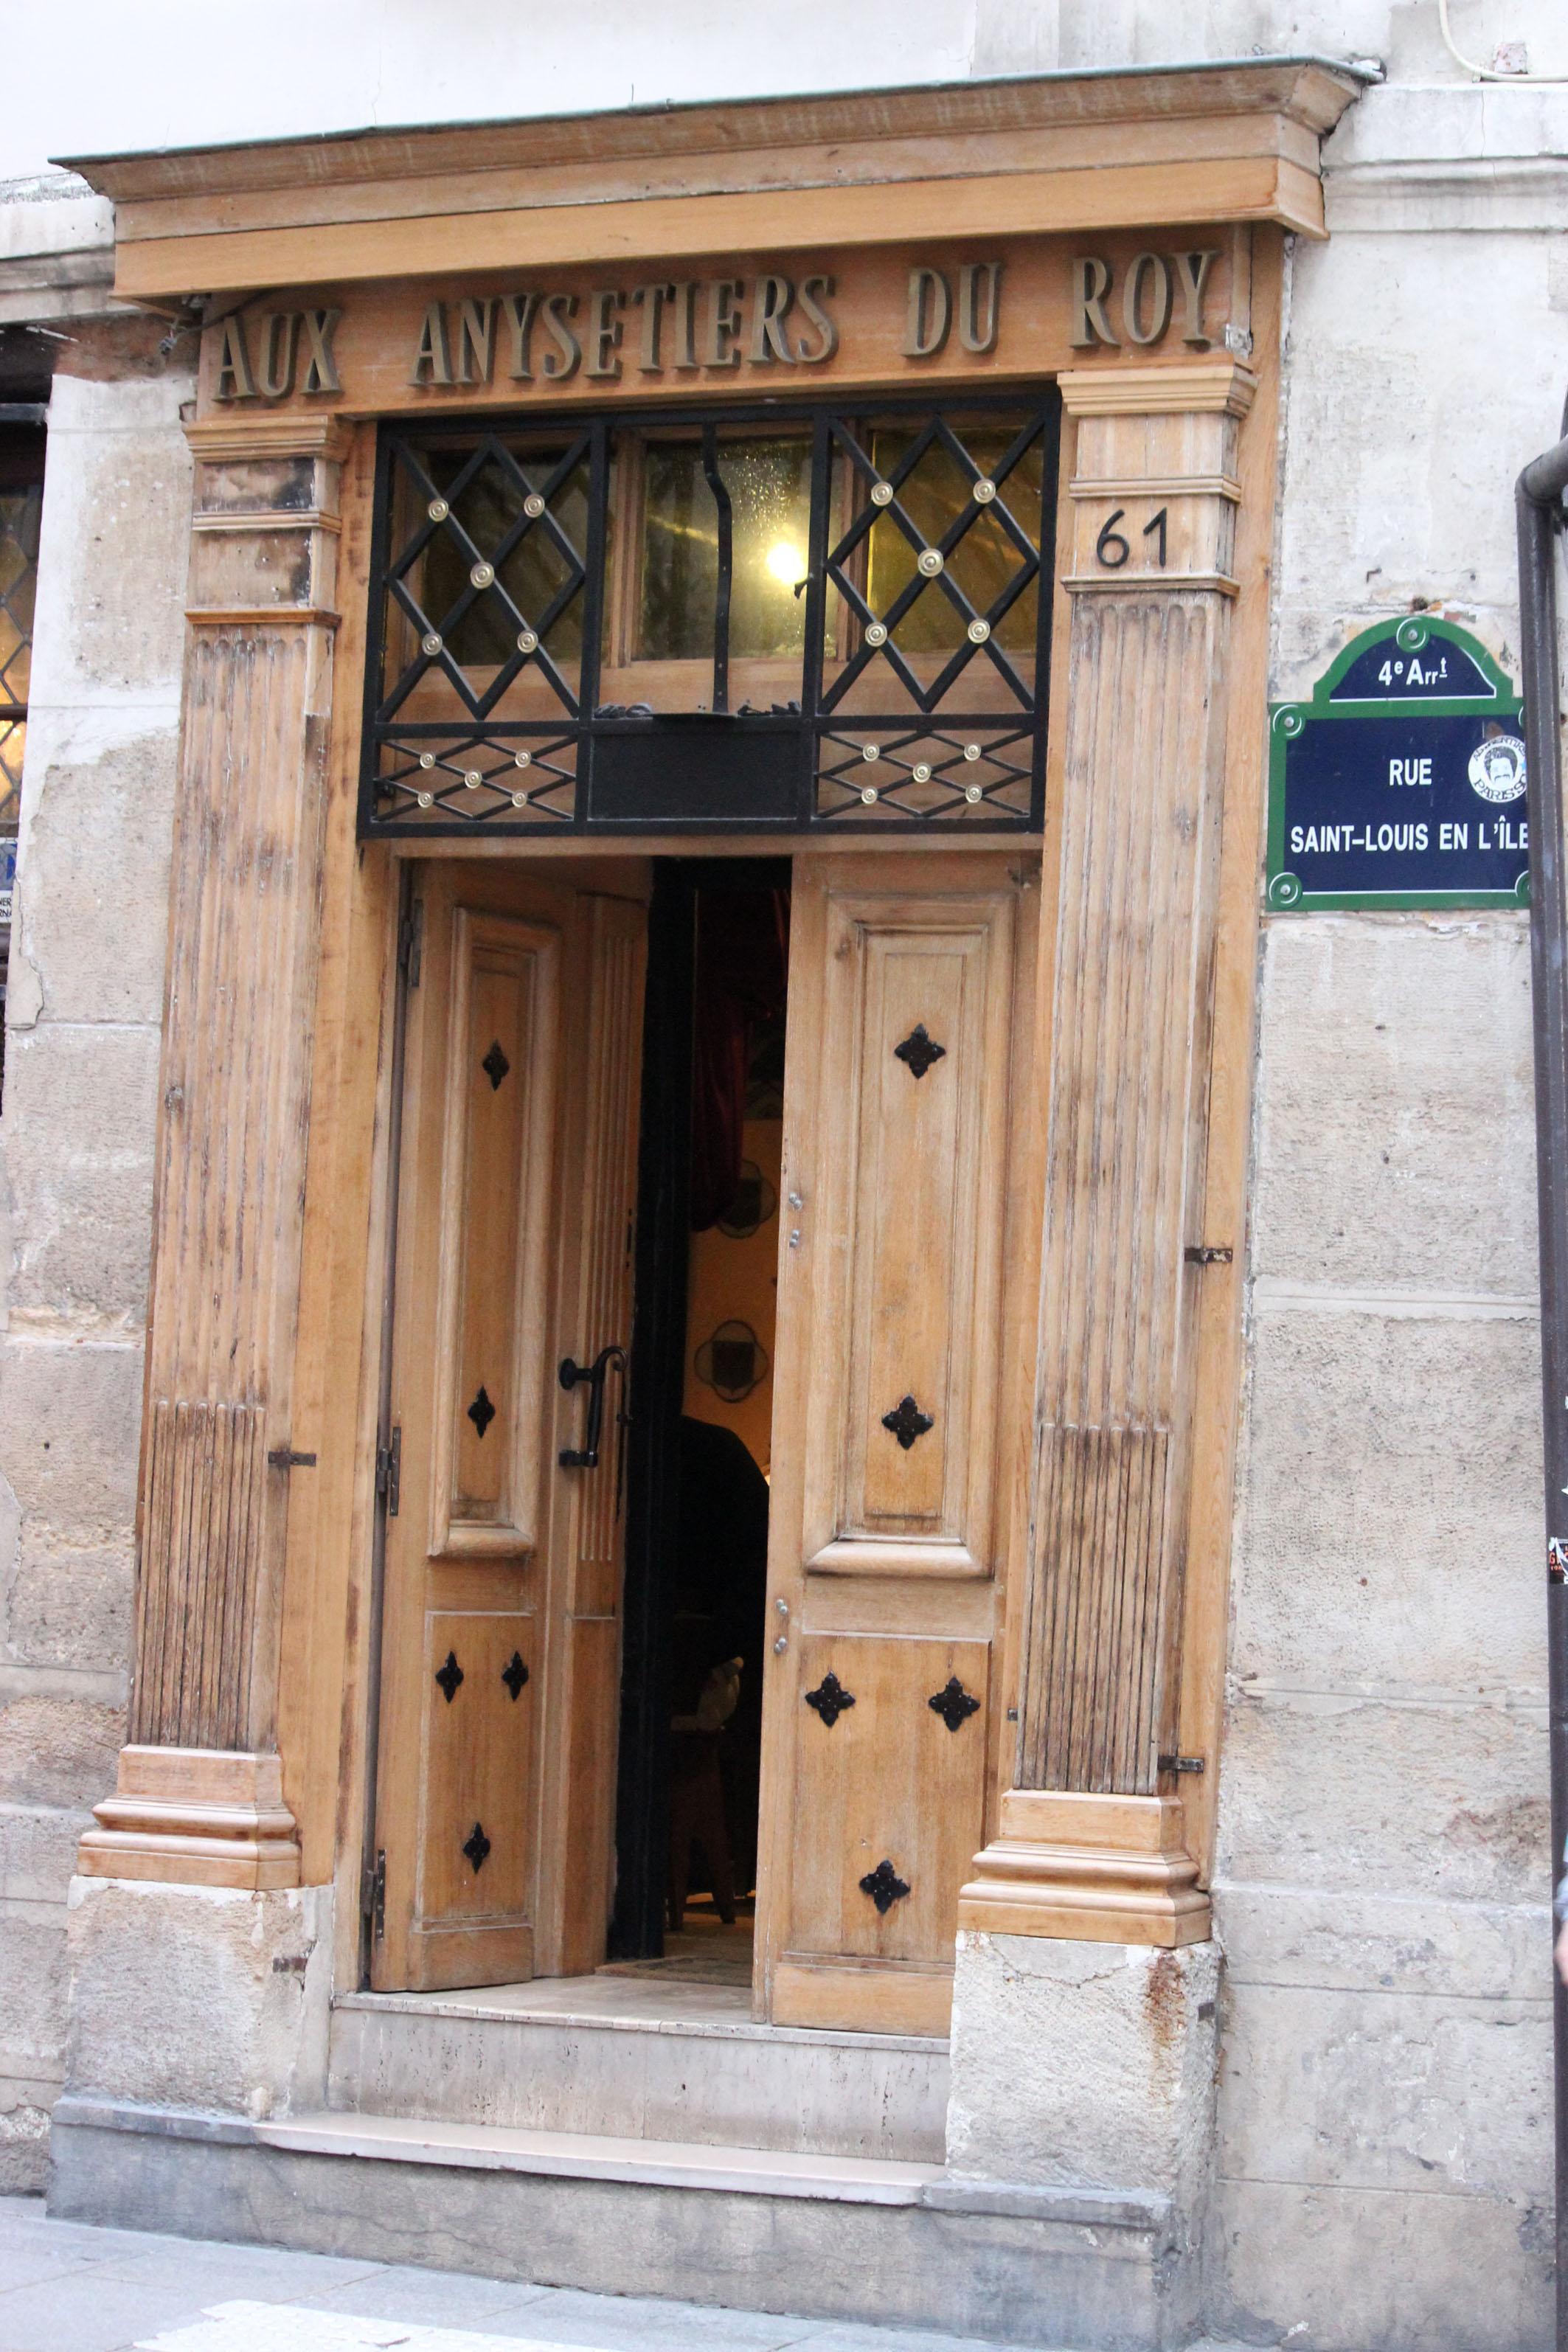 Photographie - Paris - Aux Anysetiers du Roy - Violaine Martin Créations - Design textile - tissage jacquards, unis et velours - aquarelles botaniques - Hauts-de-France